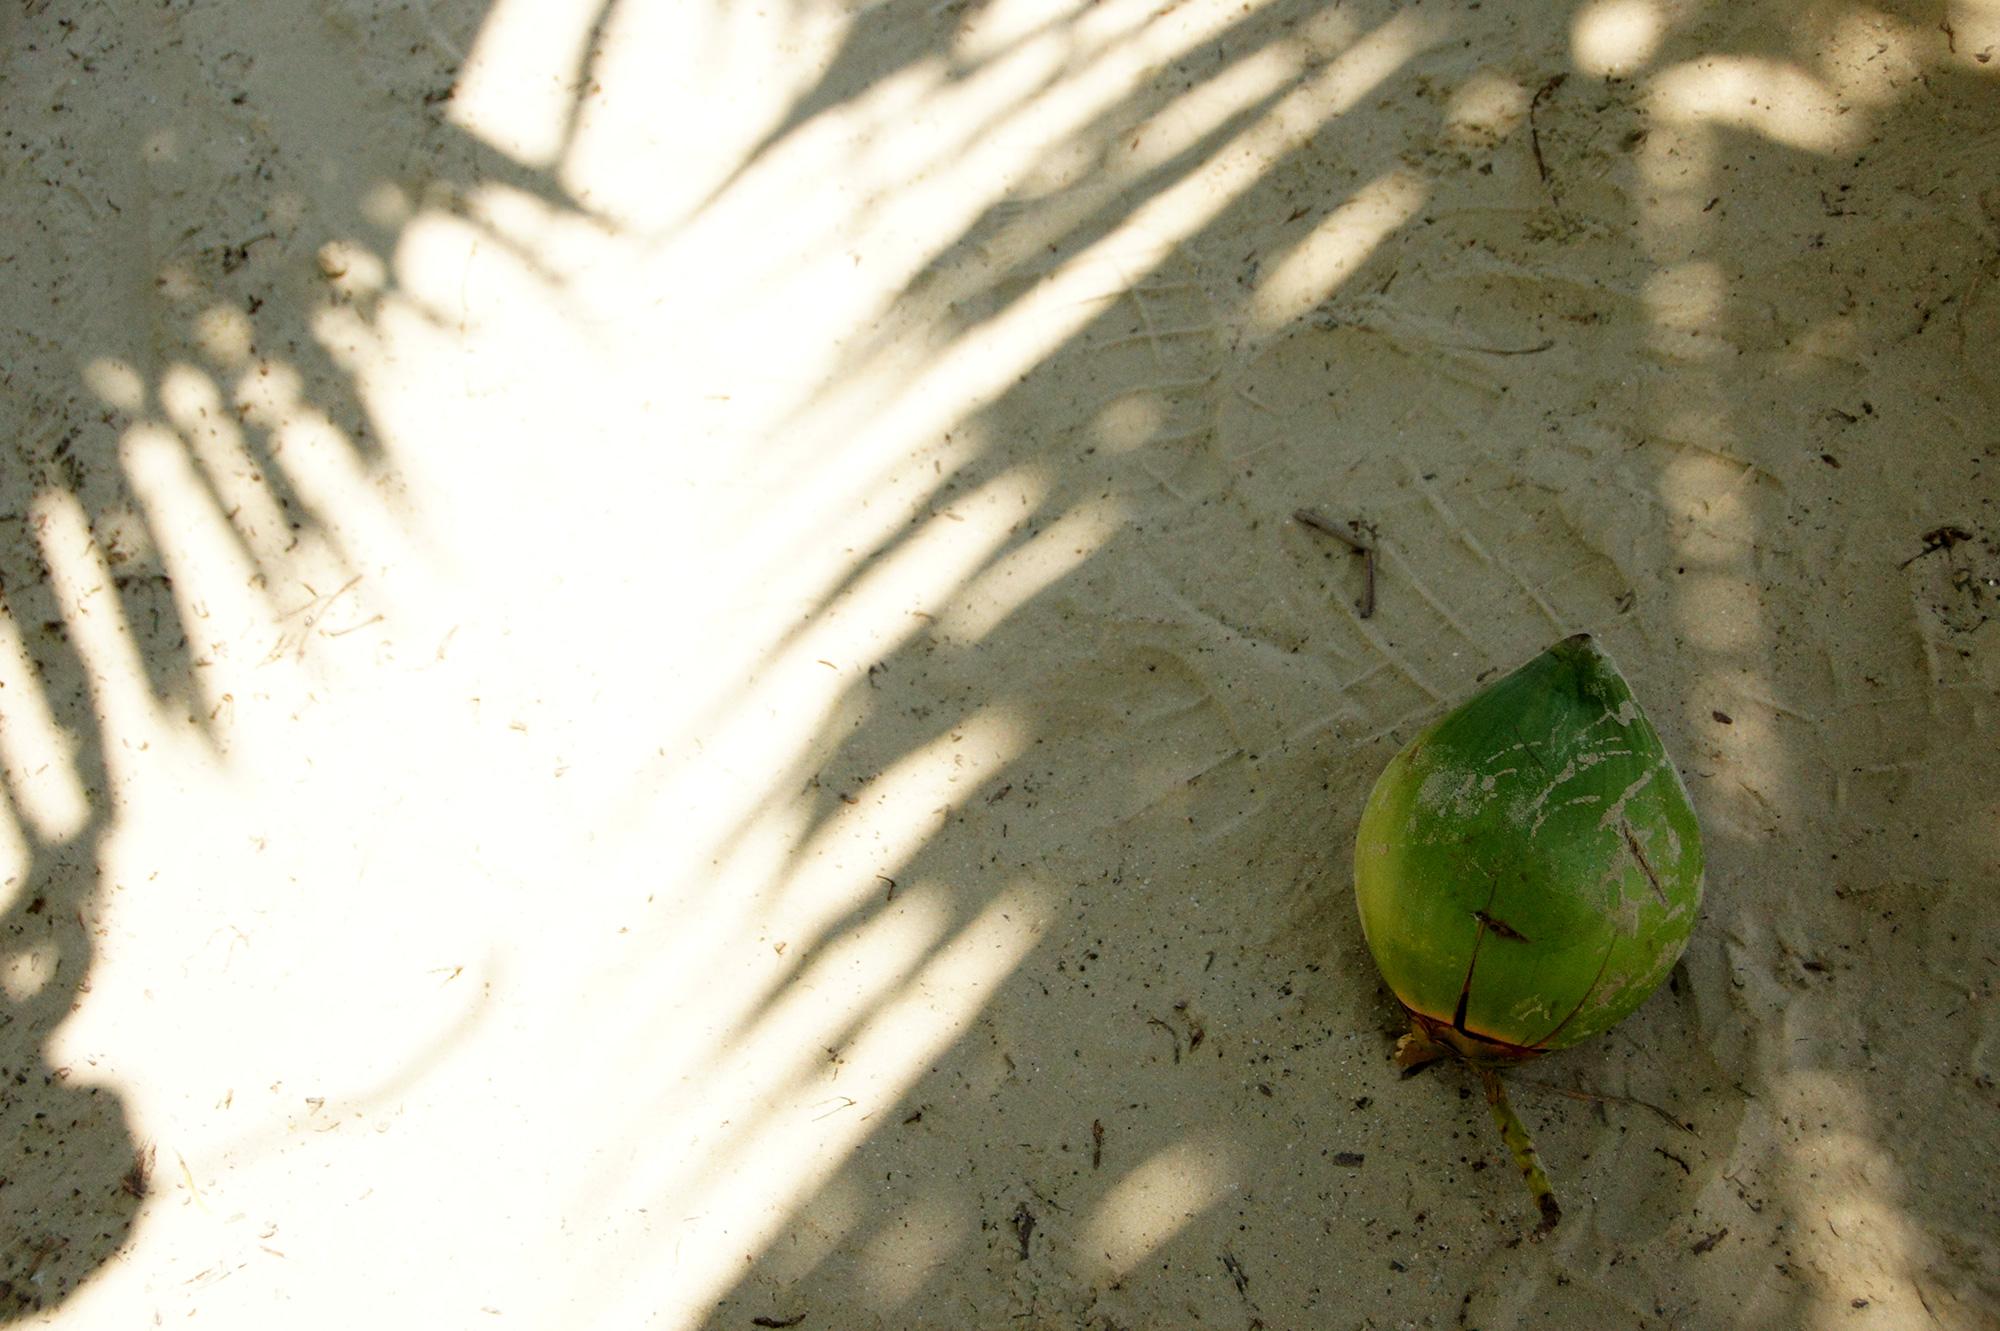 砂の上のヤシの実のフリー写真素材